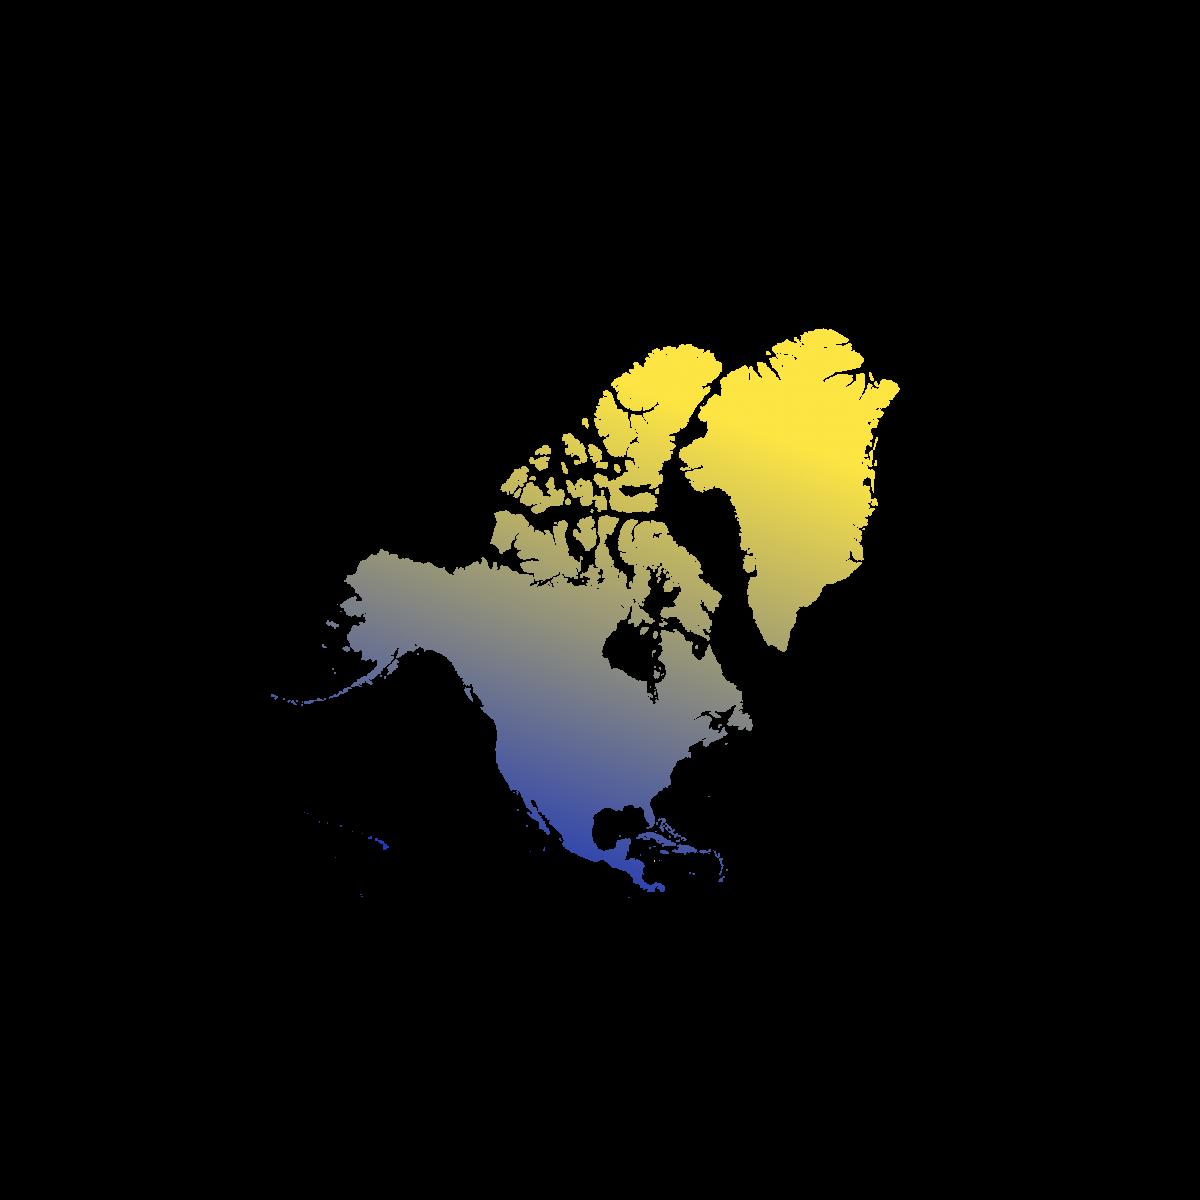 Illustration du continent Nord-Américain. Eu Coordination, agence de traduction de documents dans les langues Américaines.